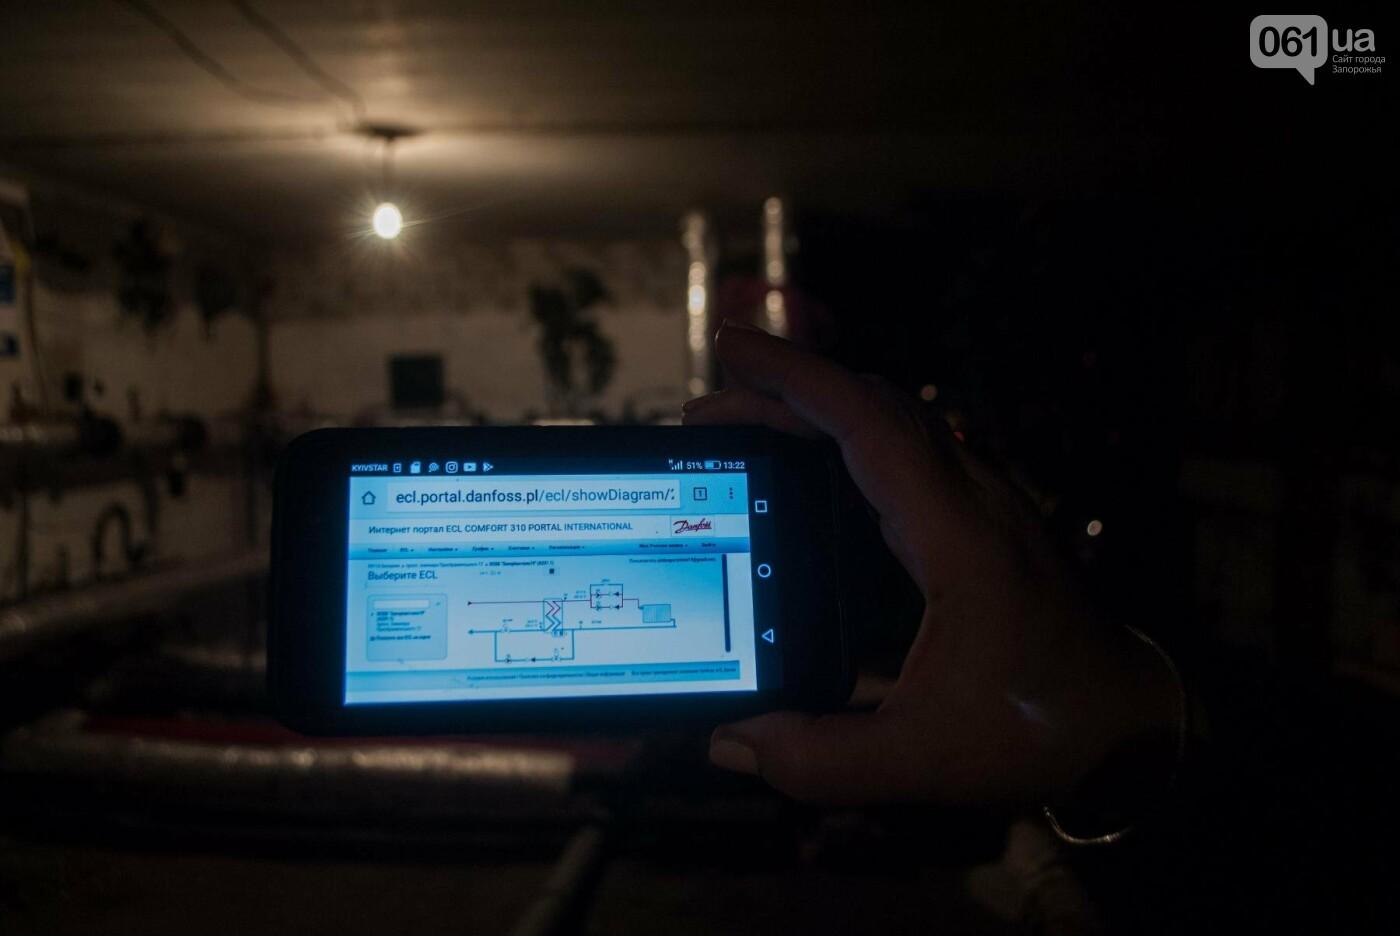 Сам себе хозяин: как запорожские ОСМД занимаются энергосбережением и значительно экономят на тарифах, — ФОТО, фото-39